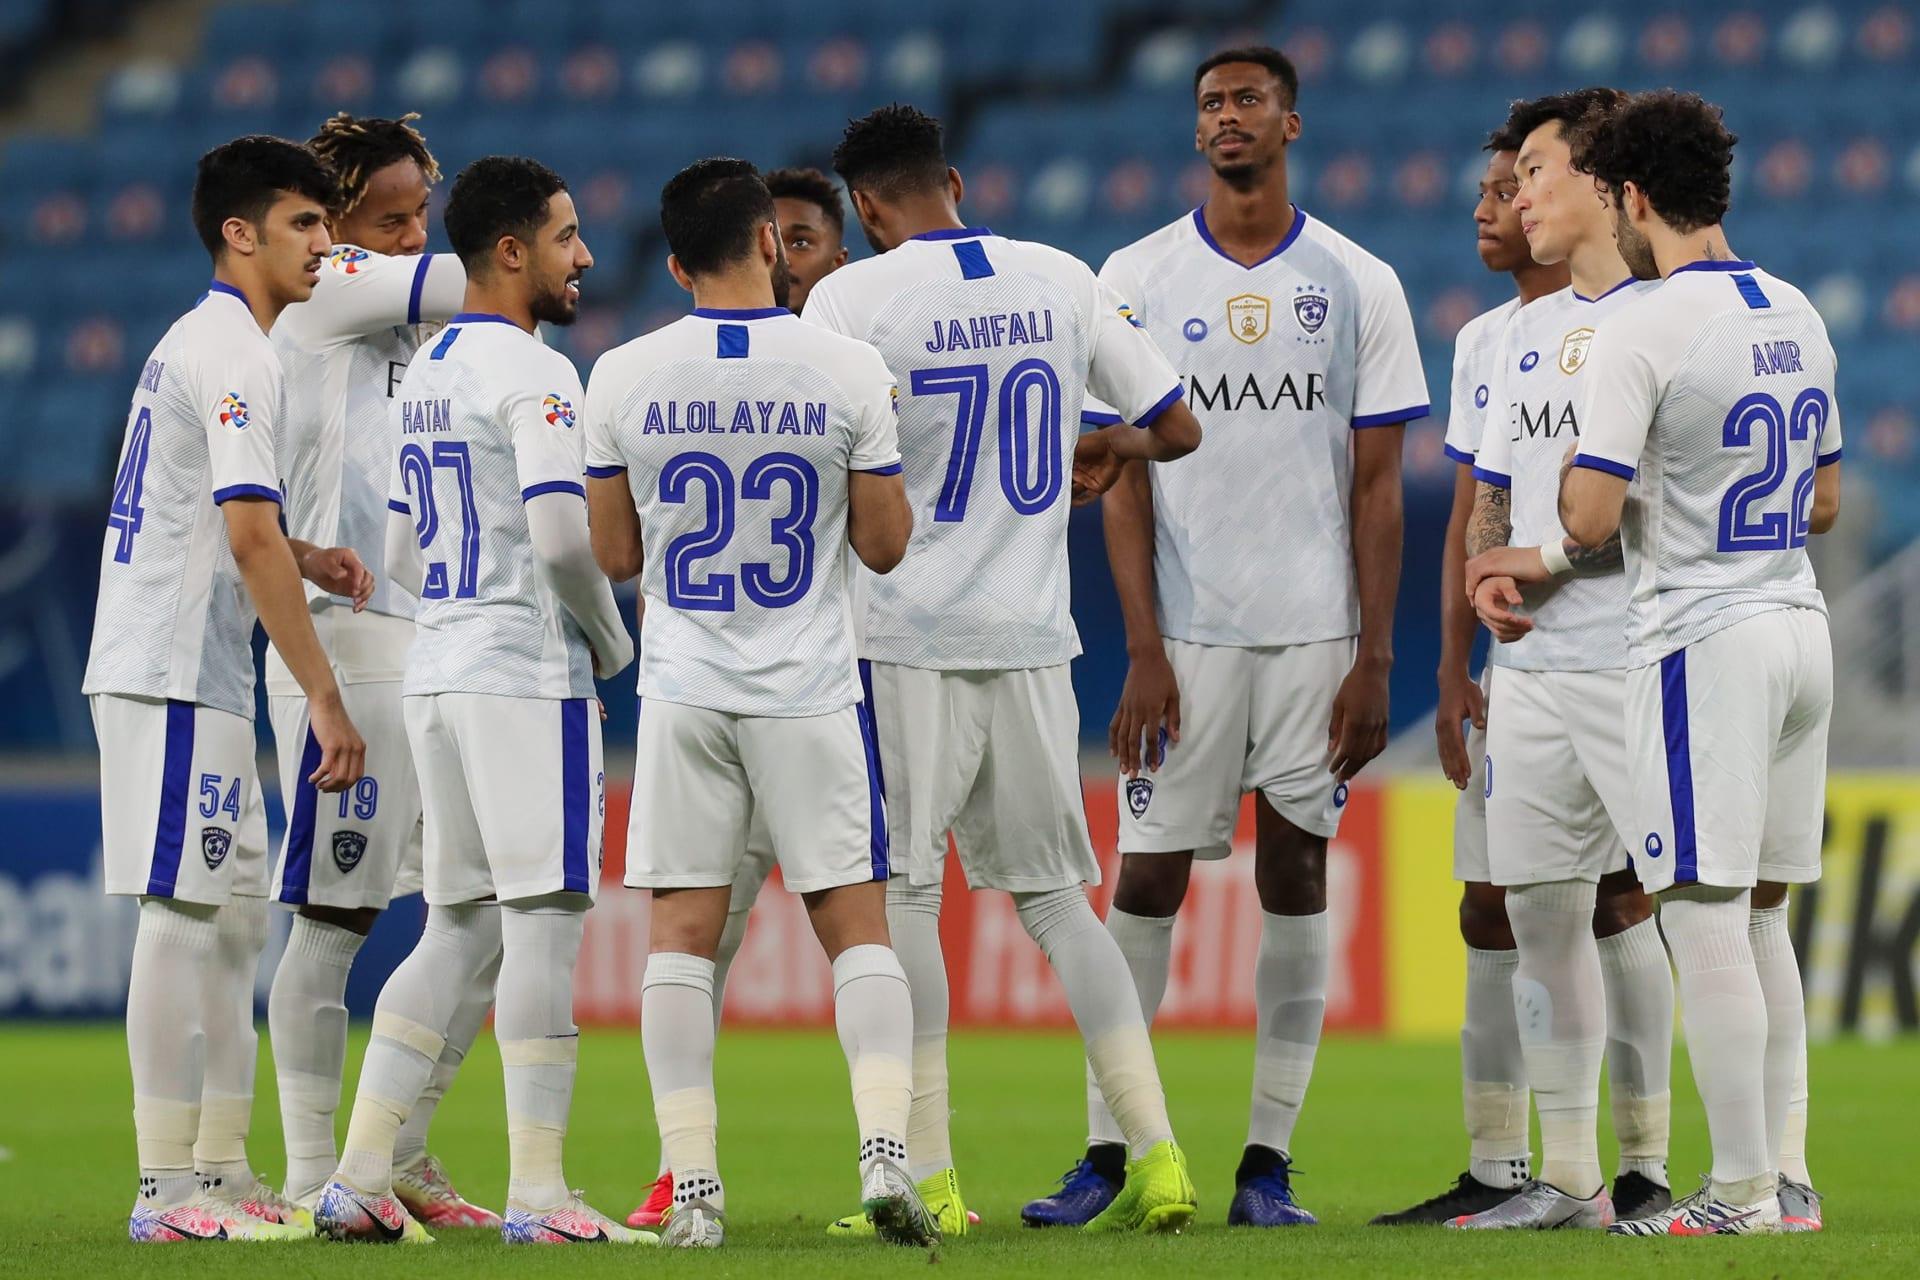 خاضوا مباراة الفريق الإيراني.. الهلال يُعلن 3 إصابات جديدة بكورونا في صفوف لاعبيه